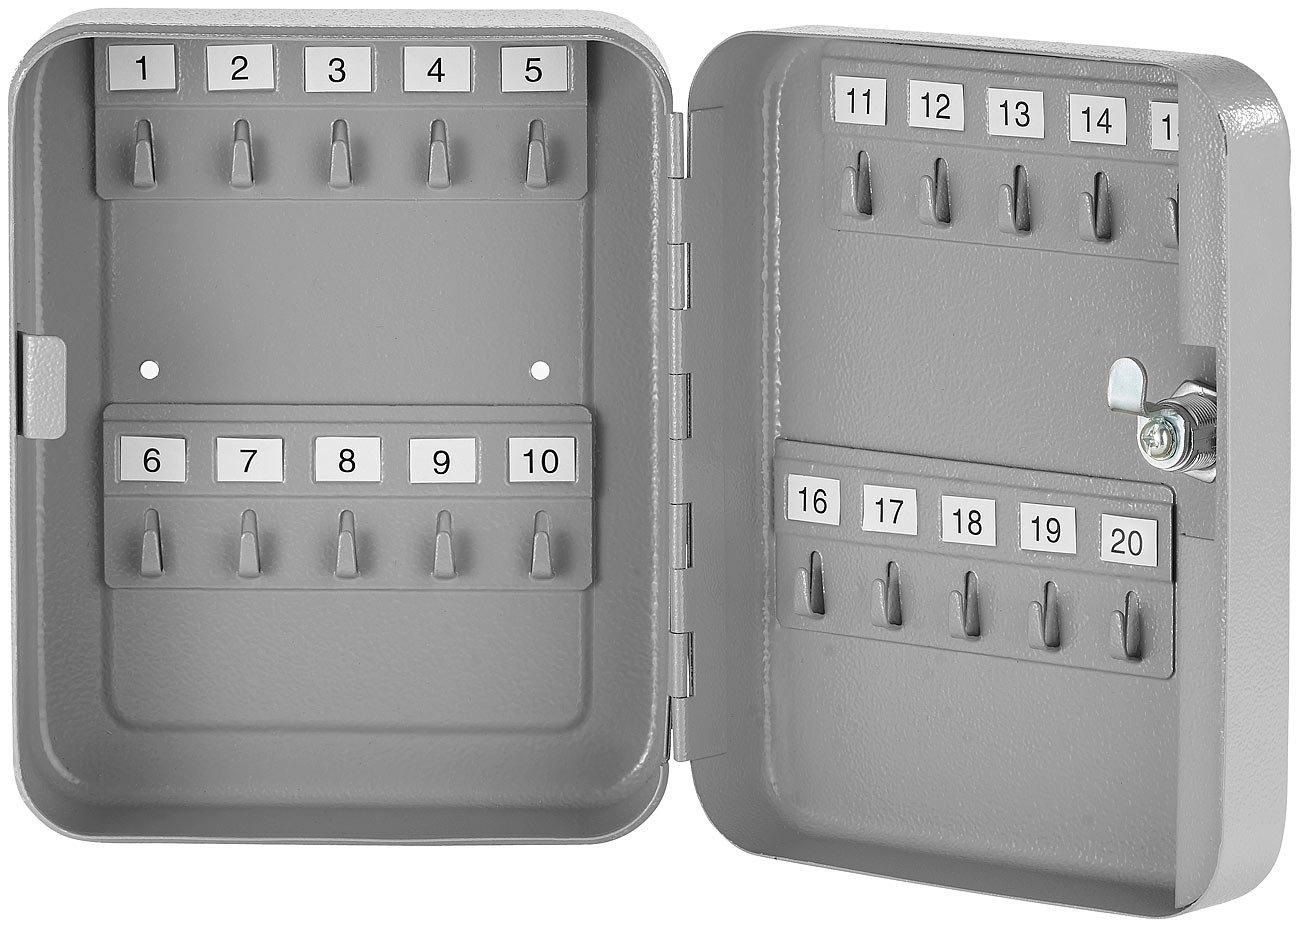 Stahl-Schl/üsselschrank f/ür 20 Schl/üssel mit 2 Sicherheitsschl/üsseln Schl/üsselkasten Metall Xcase Schl/üsselkasten